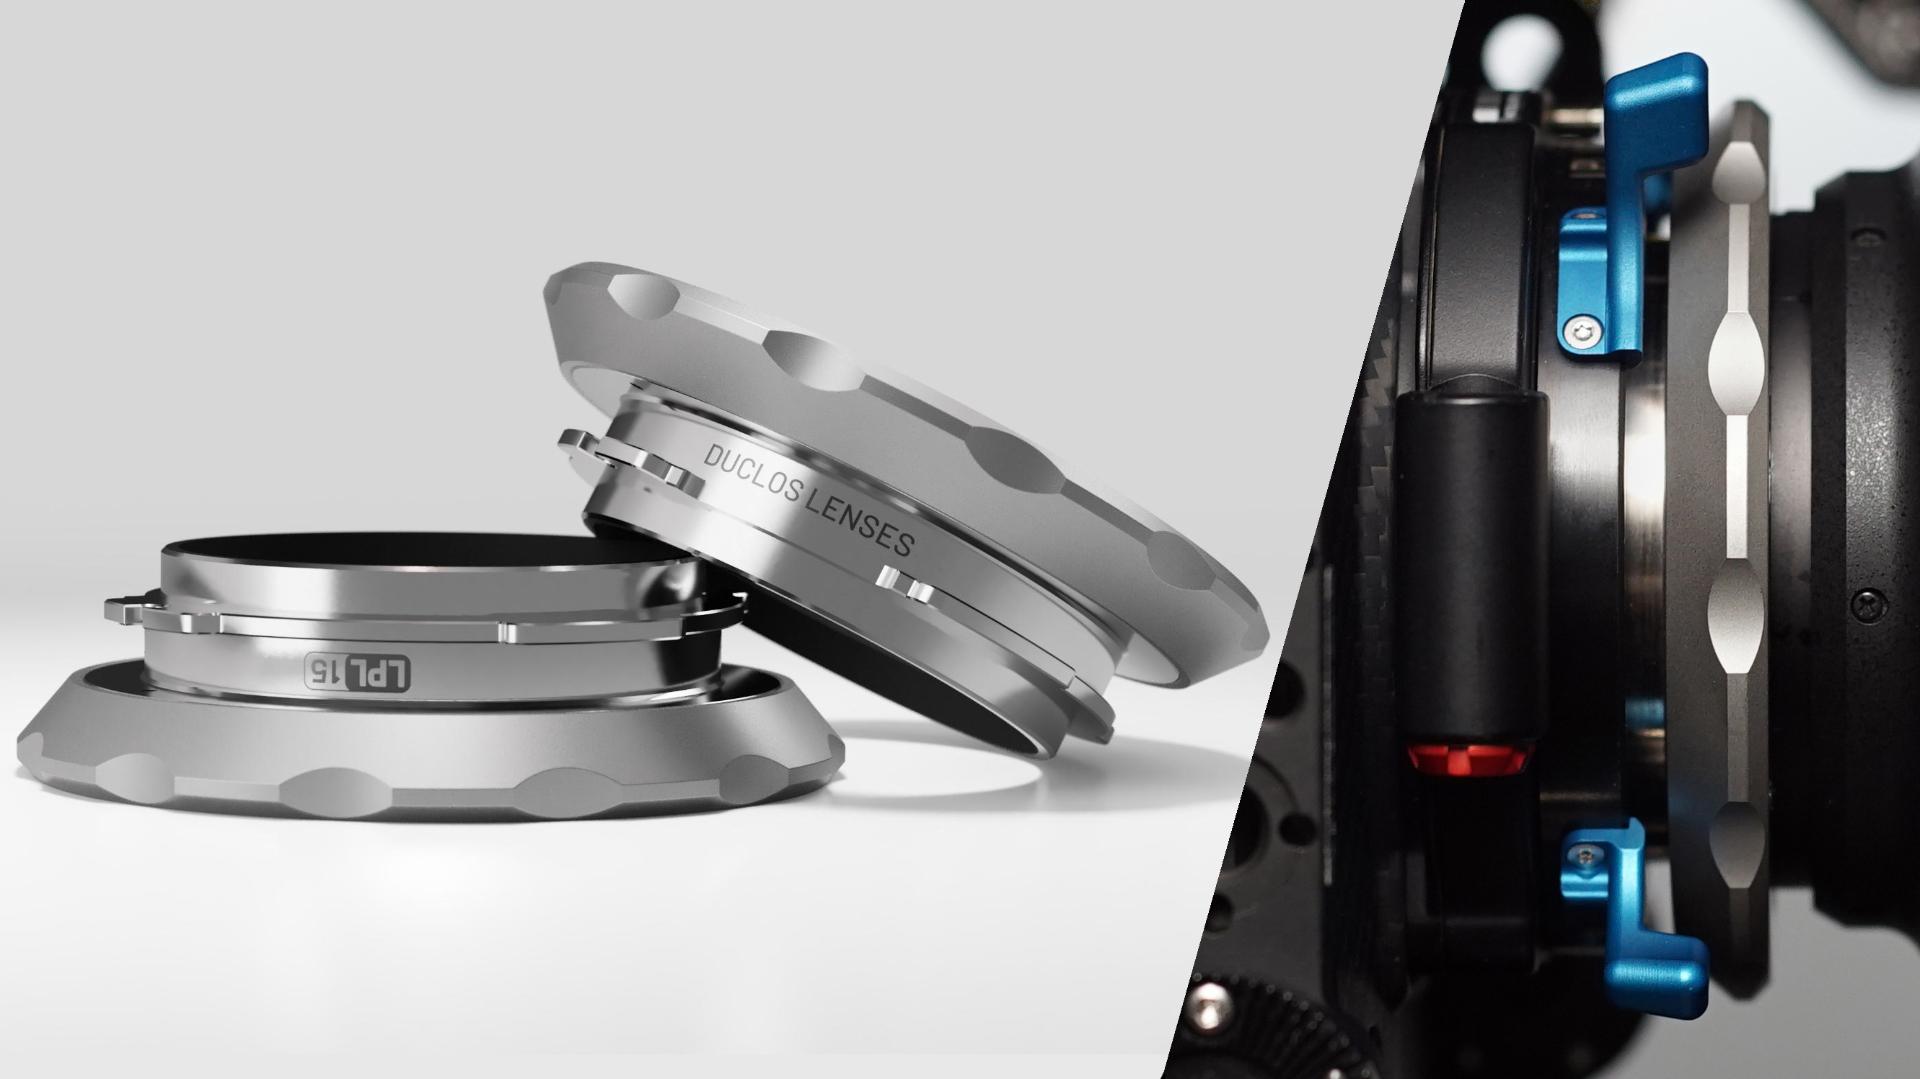 Duclosが15mm LPL Macro Tubeを発売 - 通常のレンズをマクロレンズに